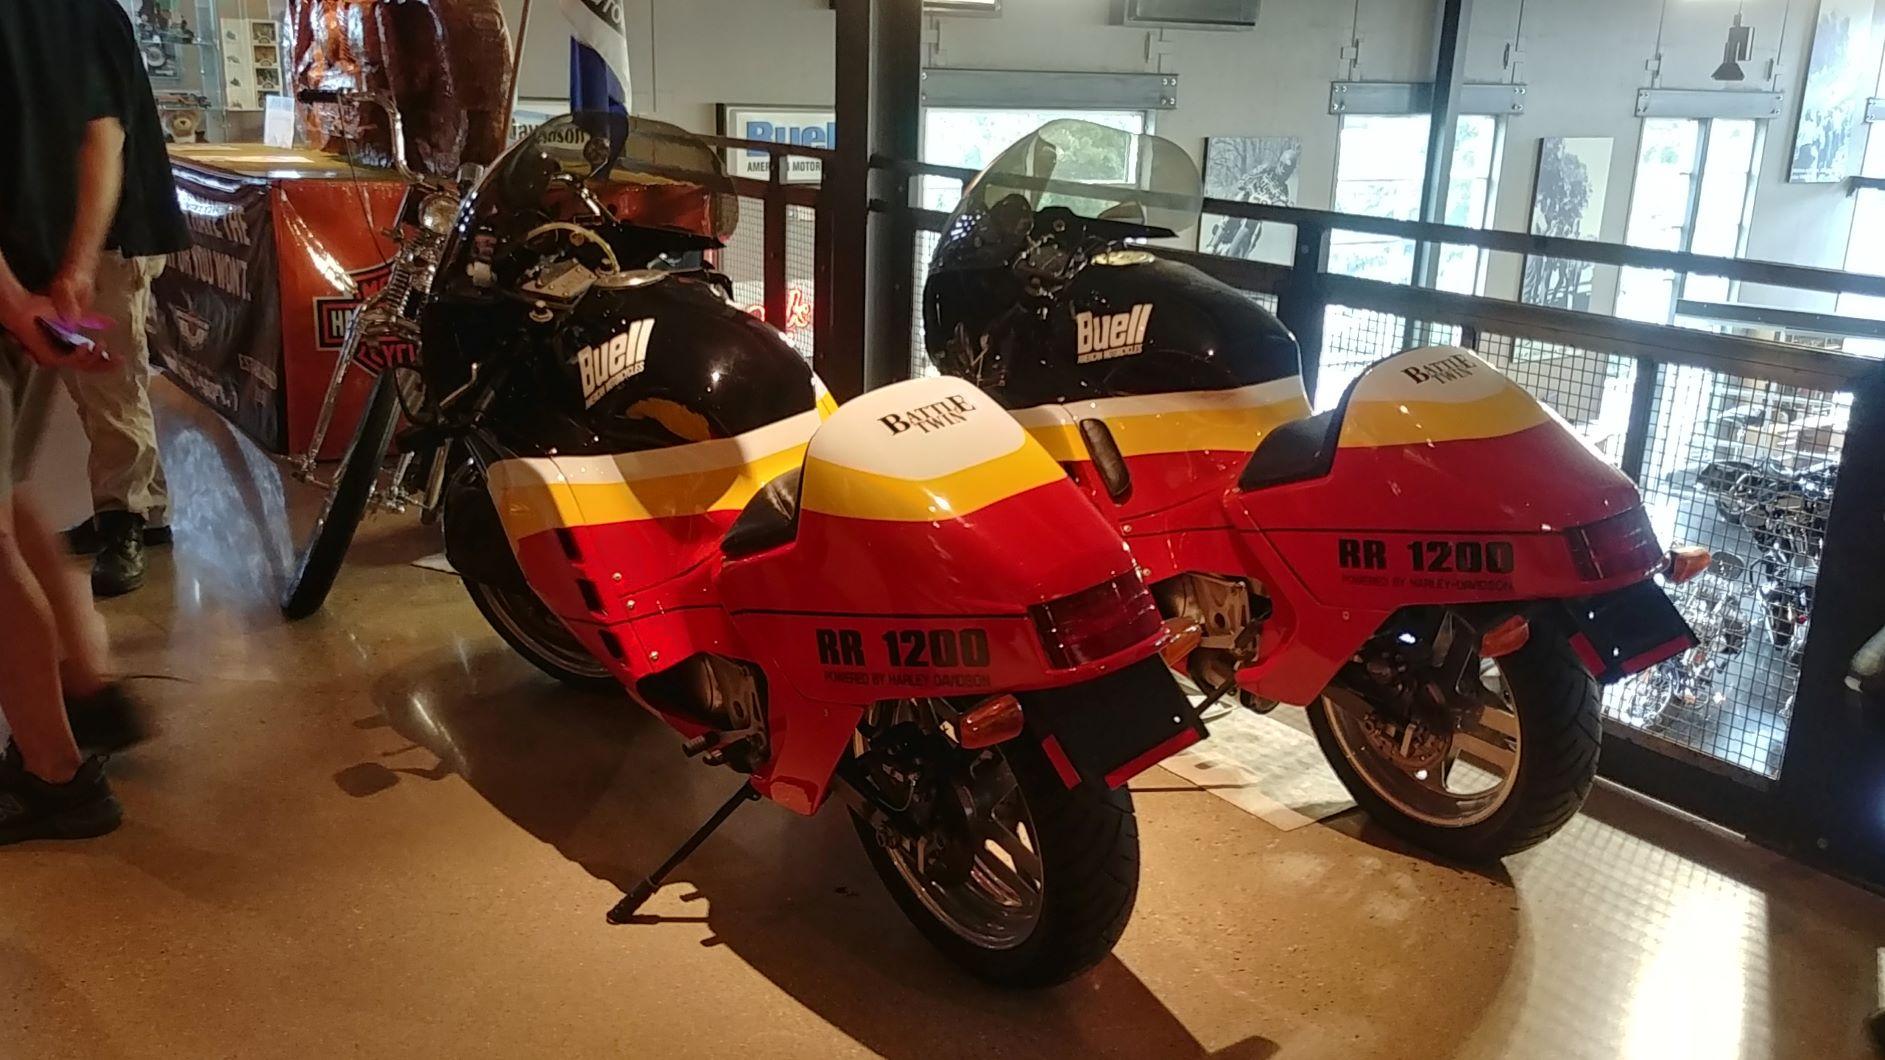 pair of RR 1200's